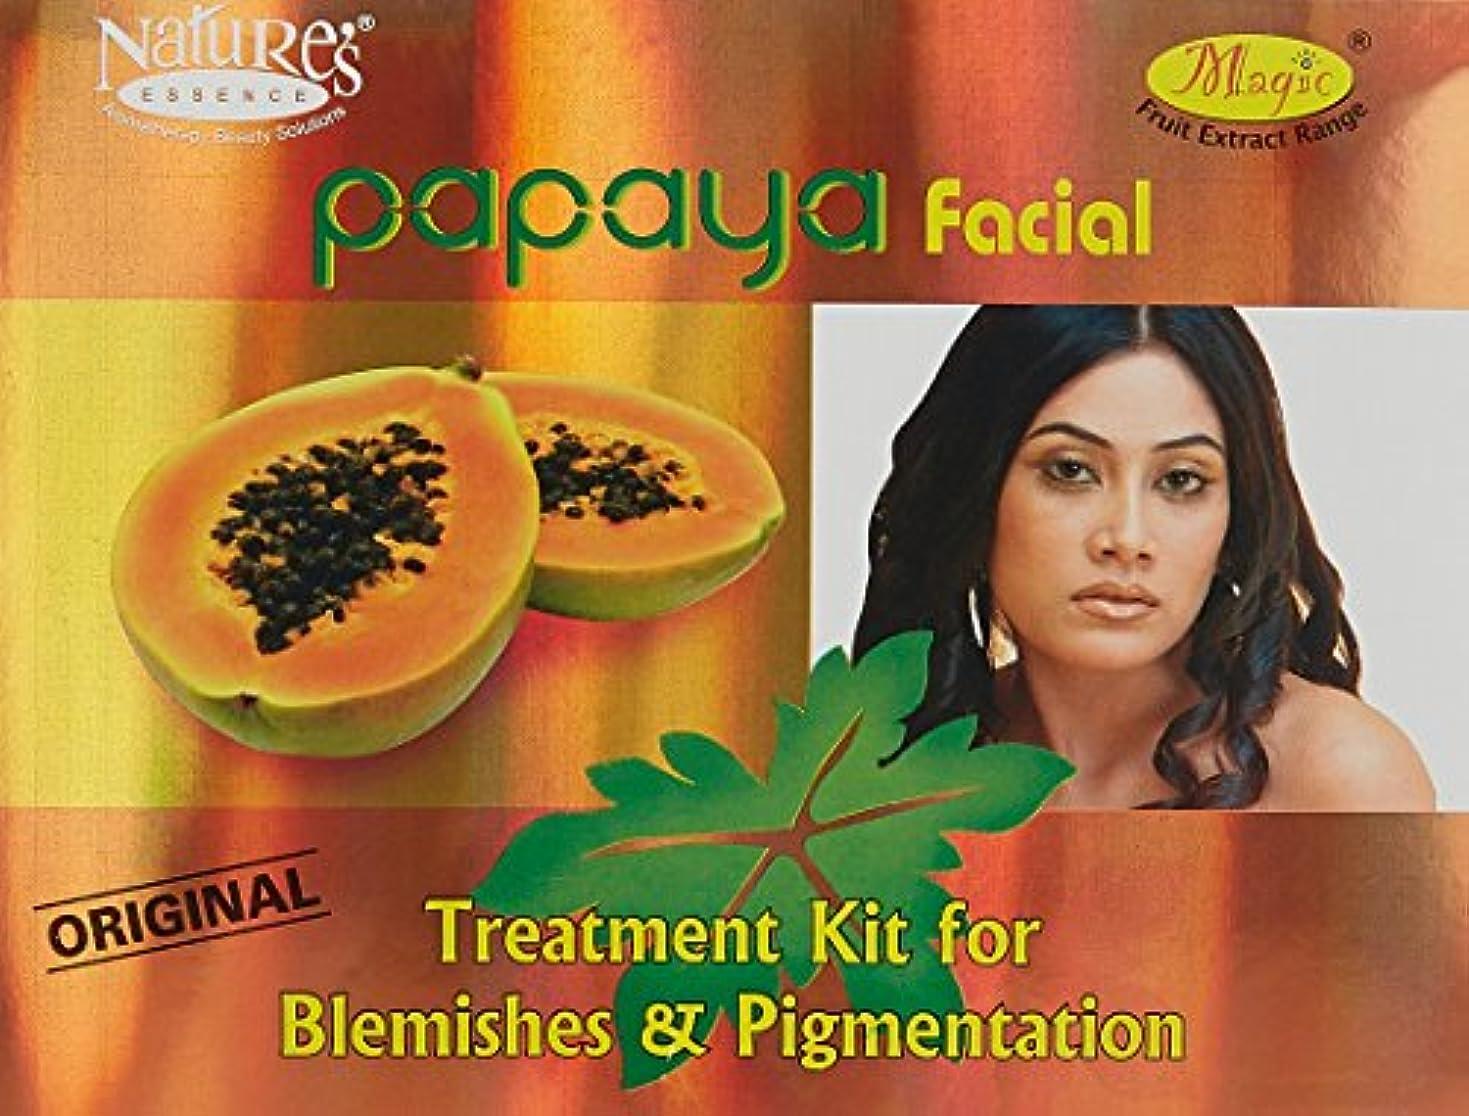 内陸シェードテレビ自然のエッセンスパパイヤフェイシャルキットシミ·色素沈着1キットNature's Essence Papaya Facial Kit Blemishes & Pigmentation 1 Kit